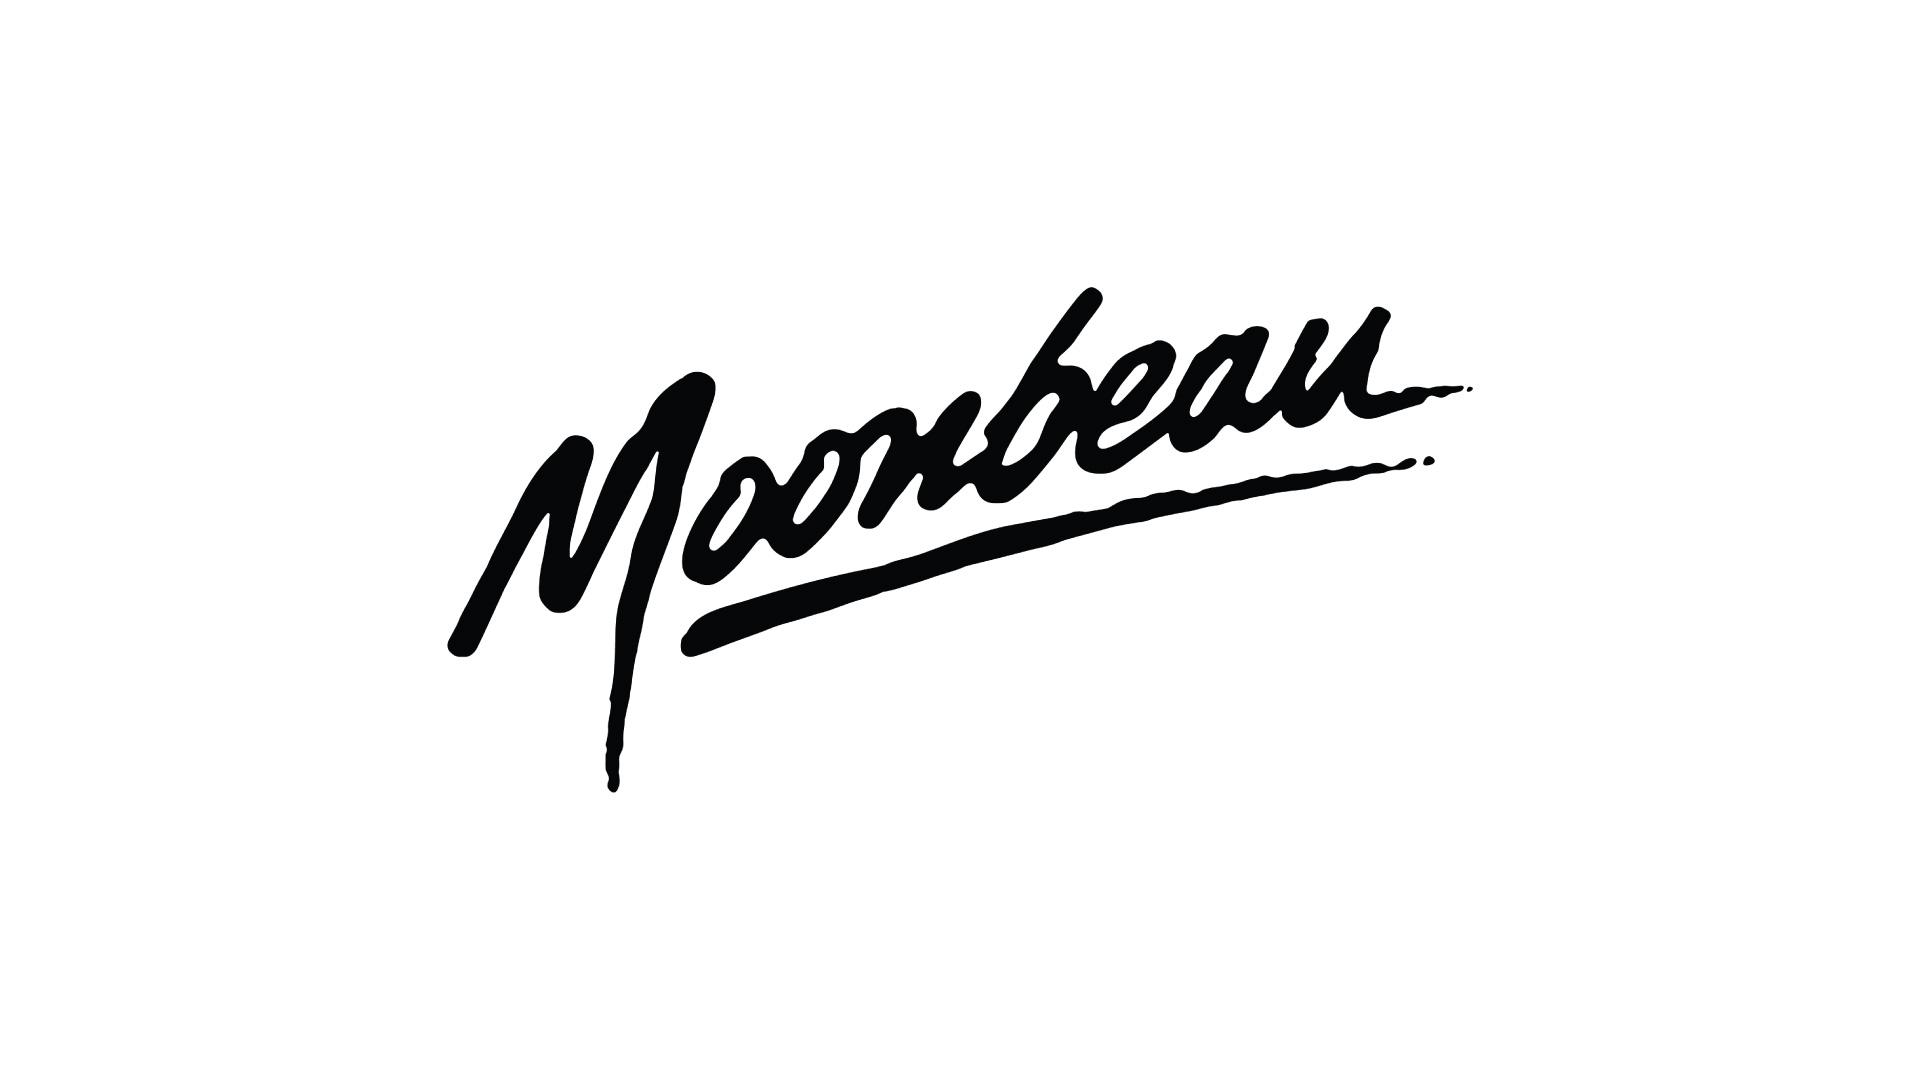 cory_woodruff_moonbeau_band_media.jpg